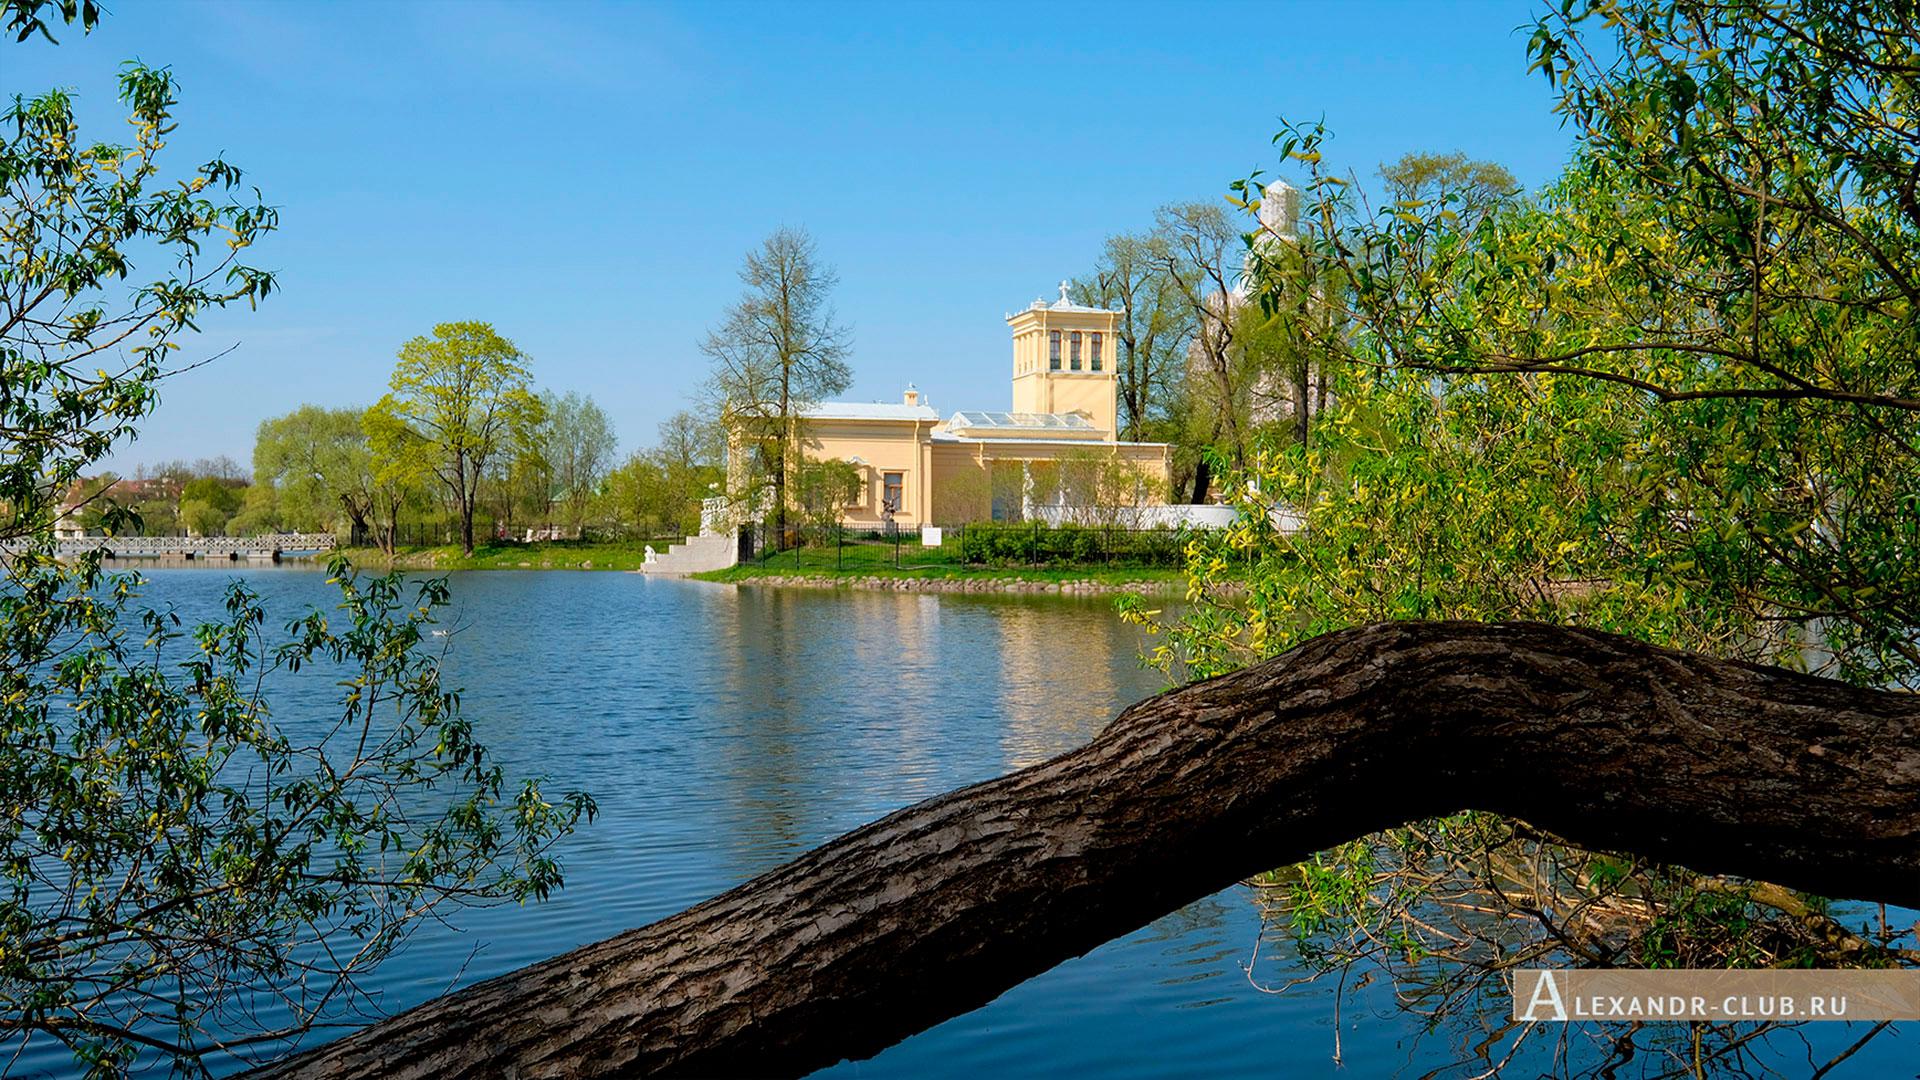 Петергоф, Колонистский парк, весна, Царицын павильон – 2